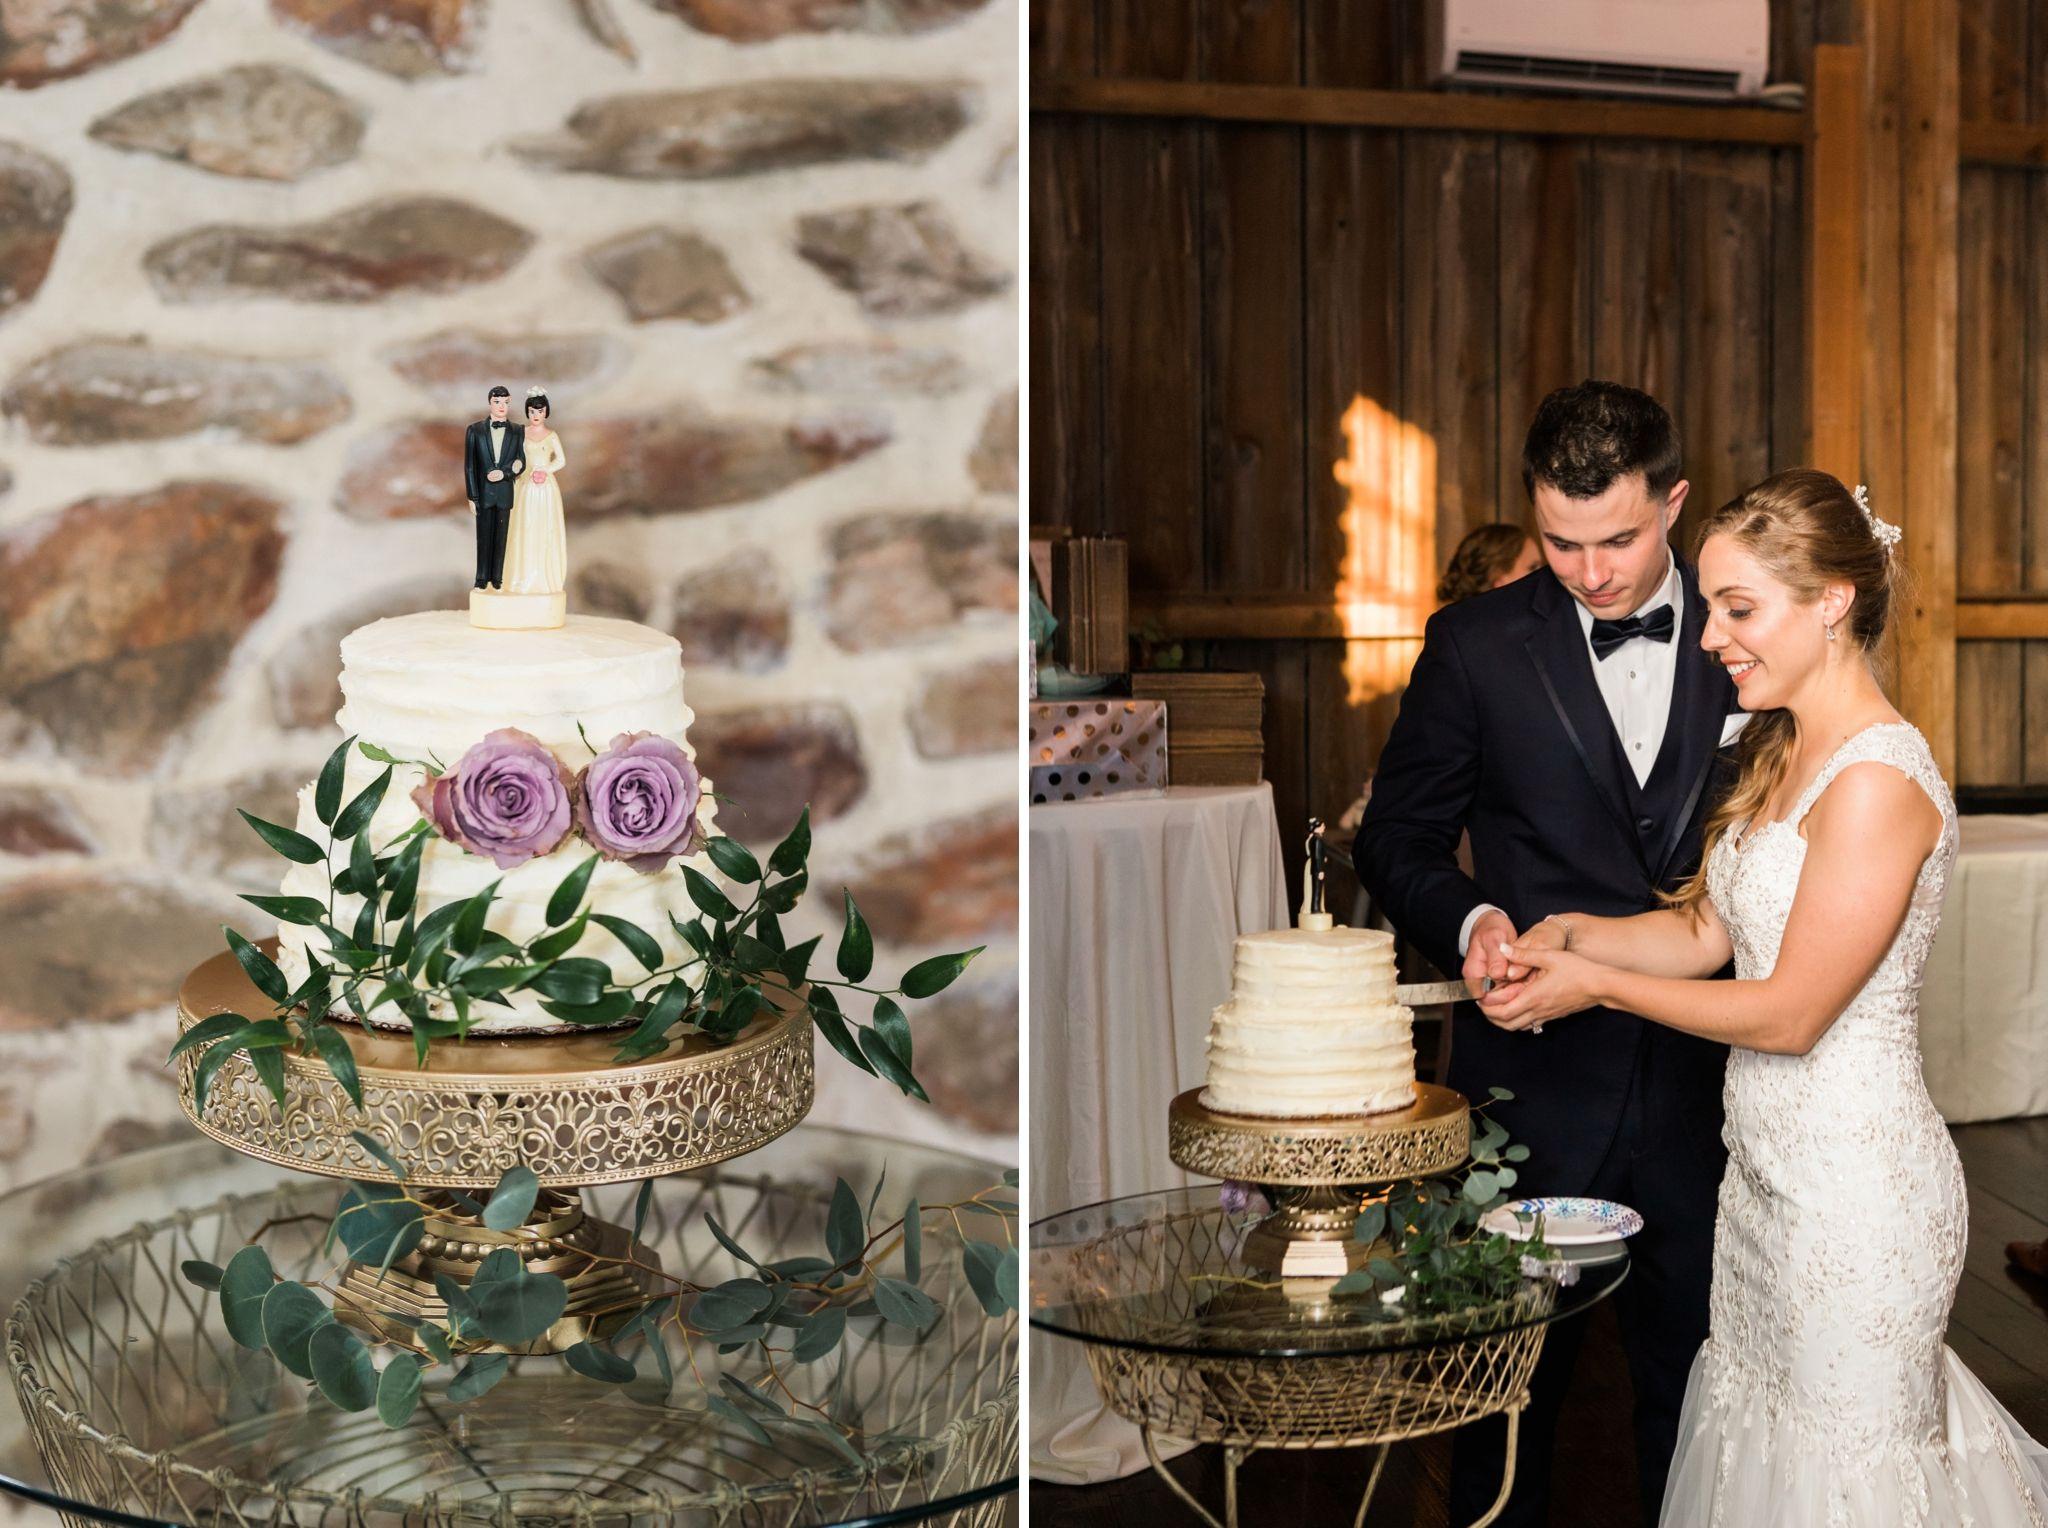 Nicole Rob Barn Wedding Venue Wedding Venues Wedding